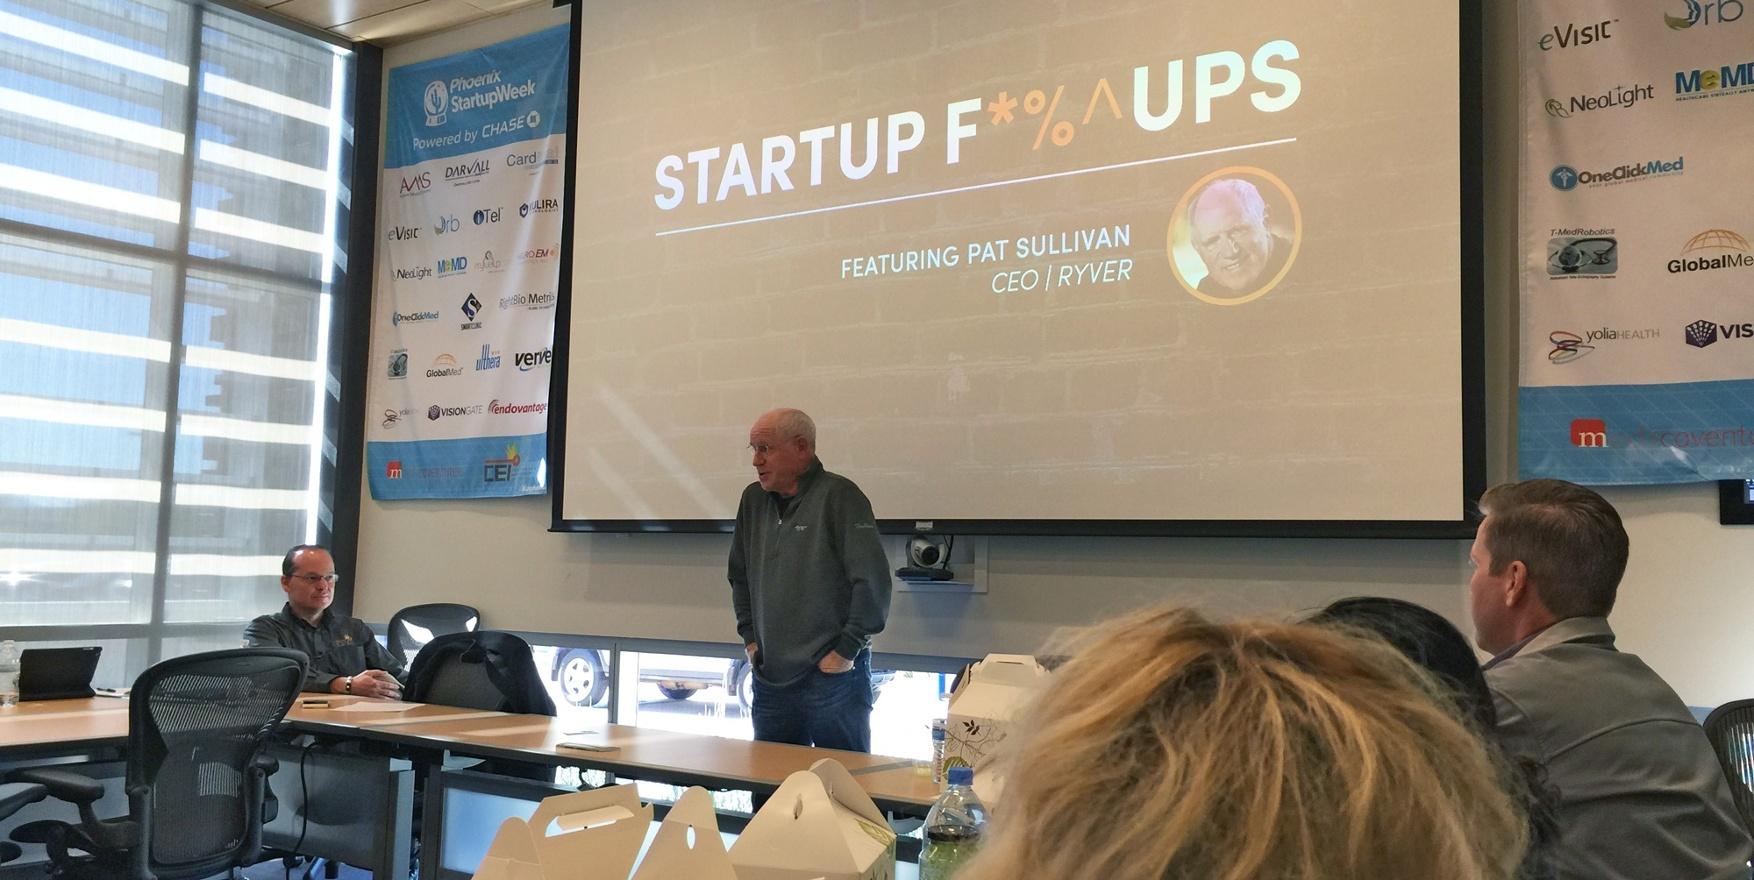 Pat-Sullivan-Ryver-Startup-Lessons.jpg